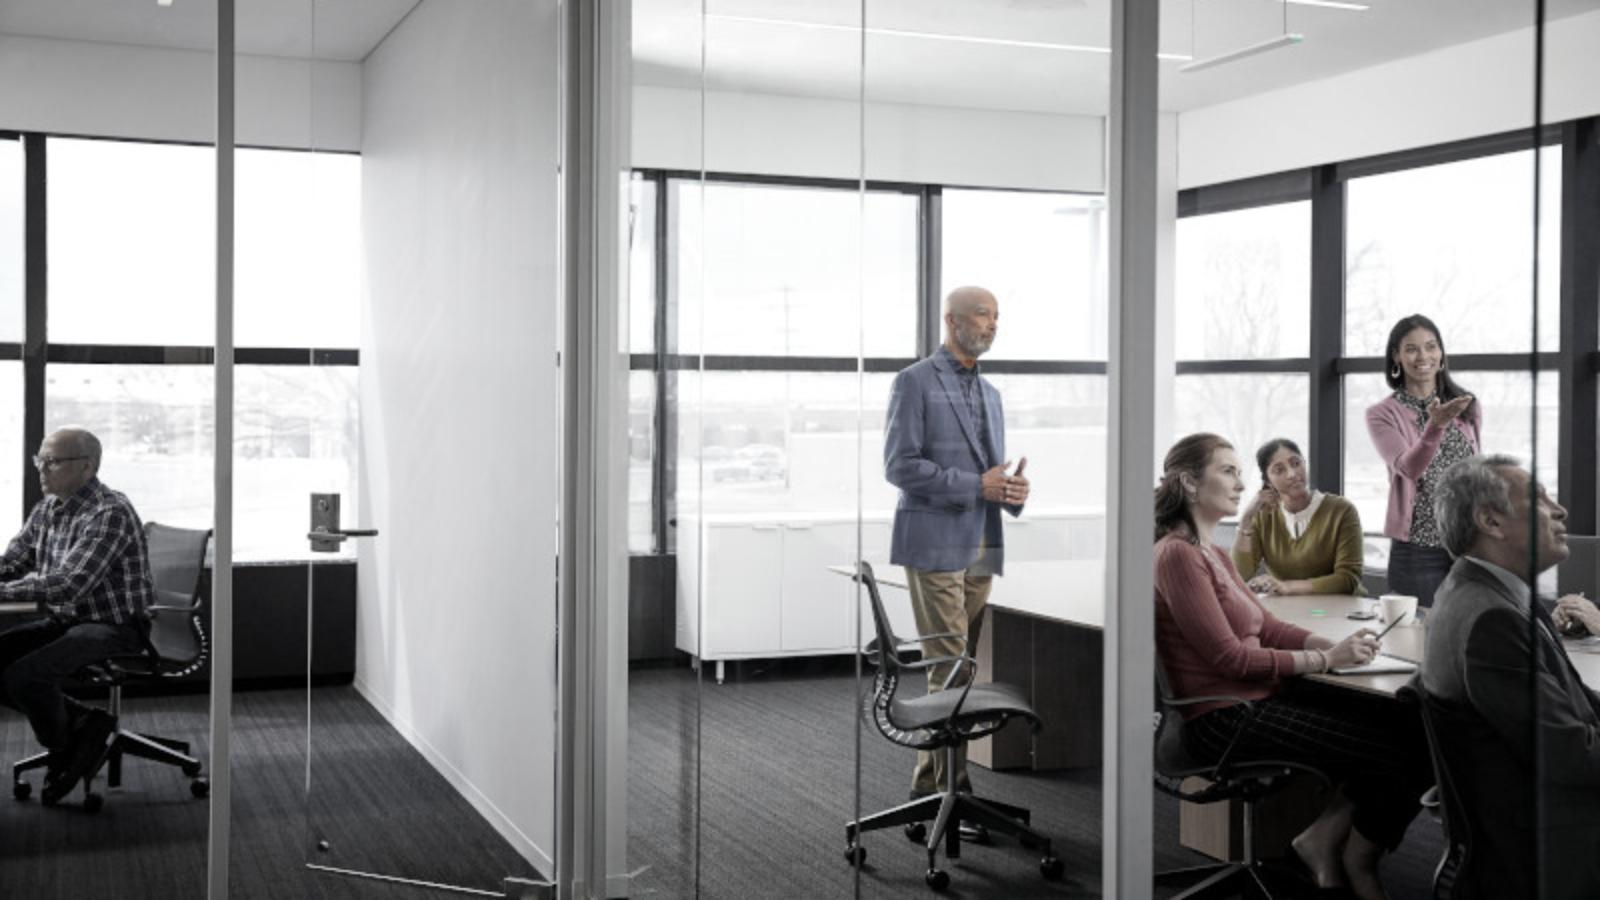 ЧЕК-ЛИСТ для грамотной организации звука в переговорных комнатах